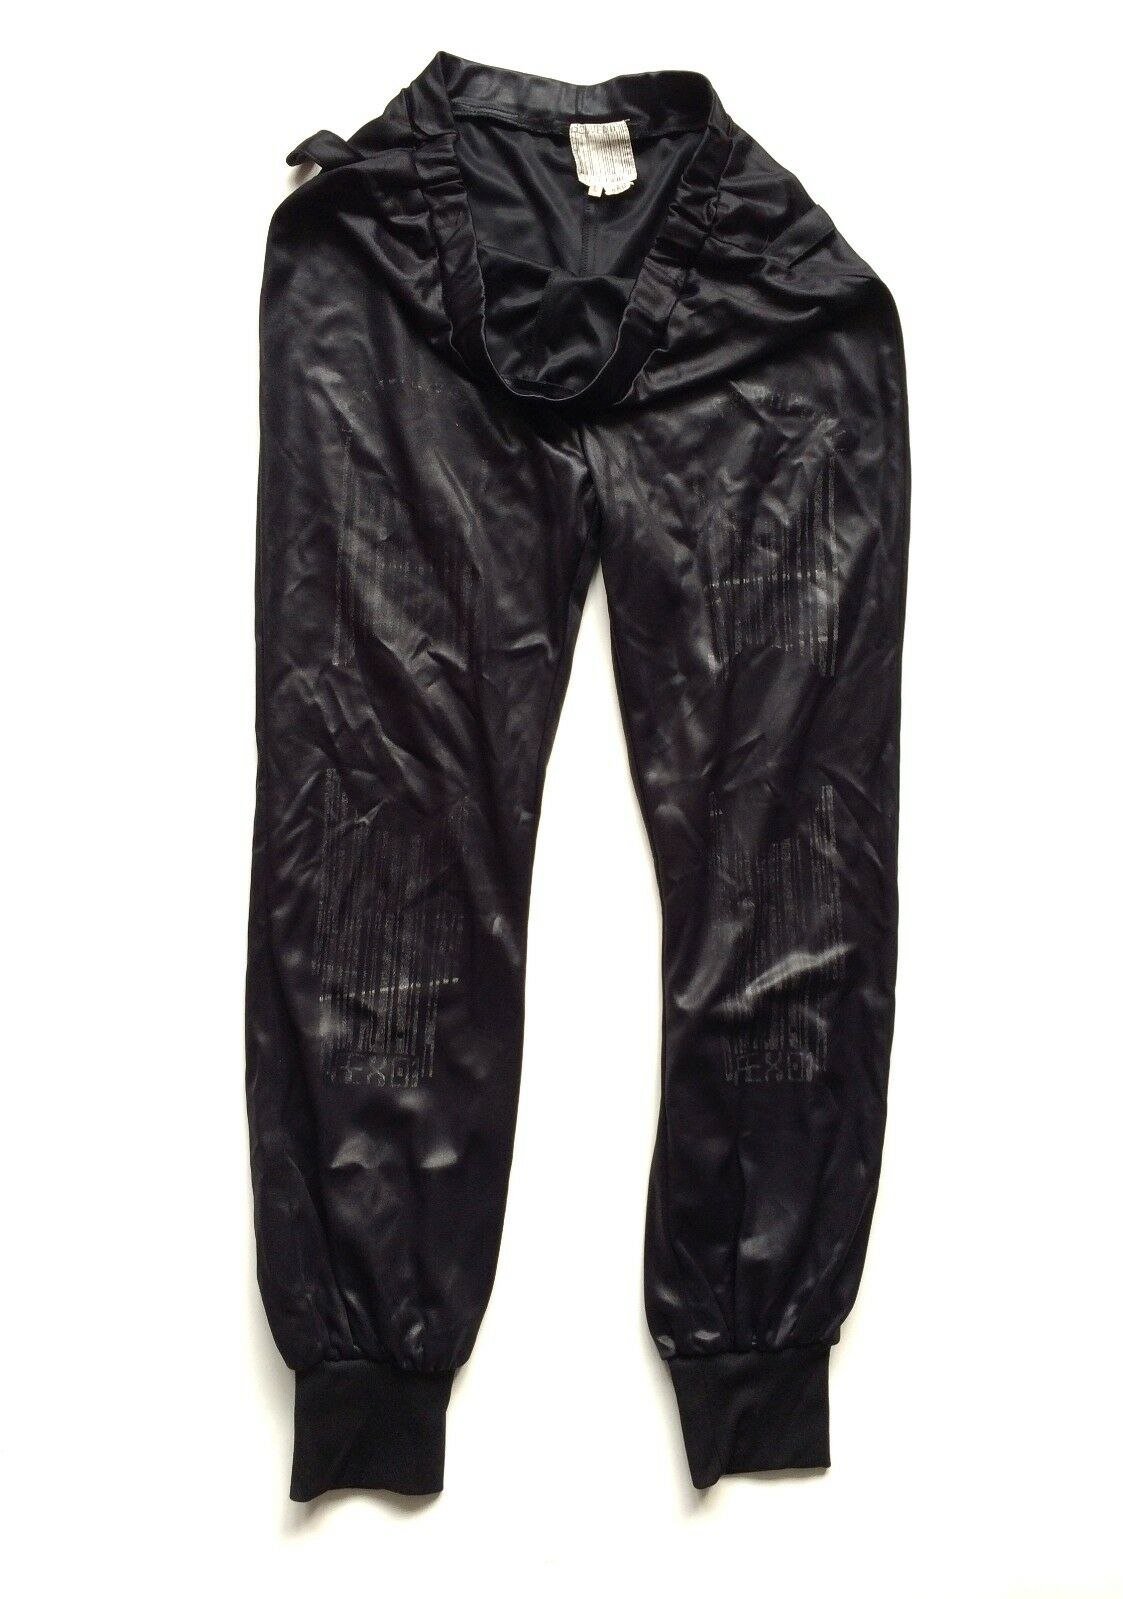 JEAN PAUL GAULTIER souvenir 90s vintage stretch pants jogging Barcode nude  hose